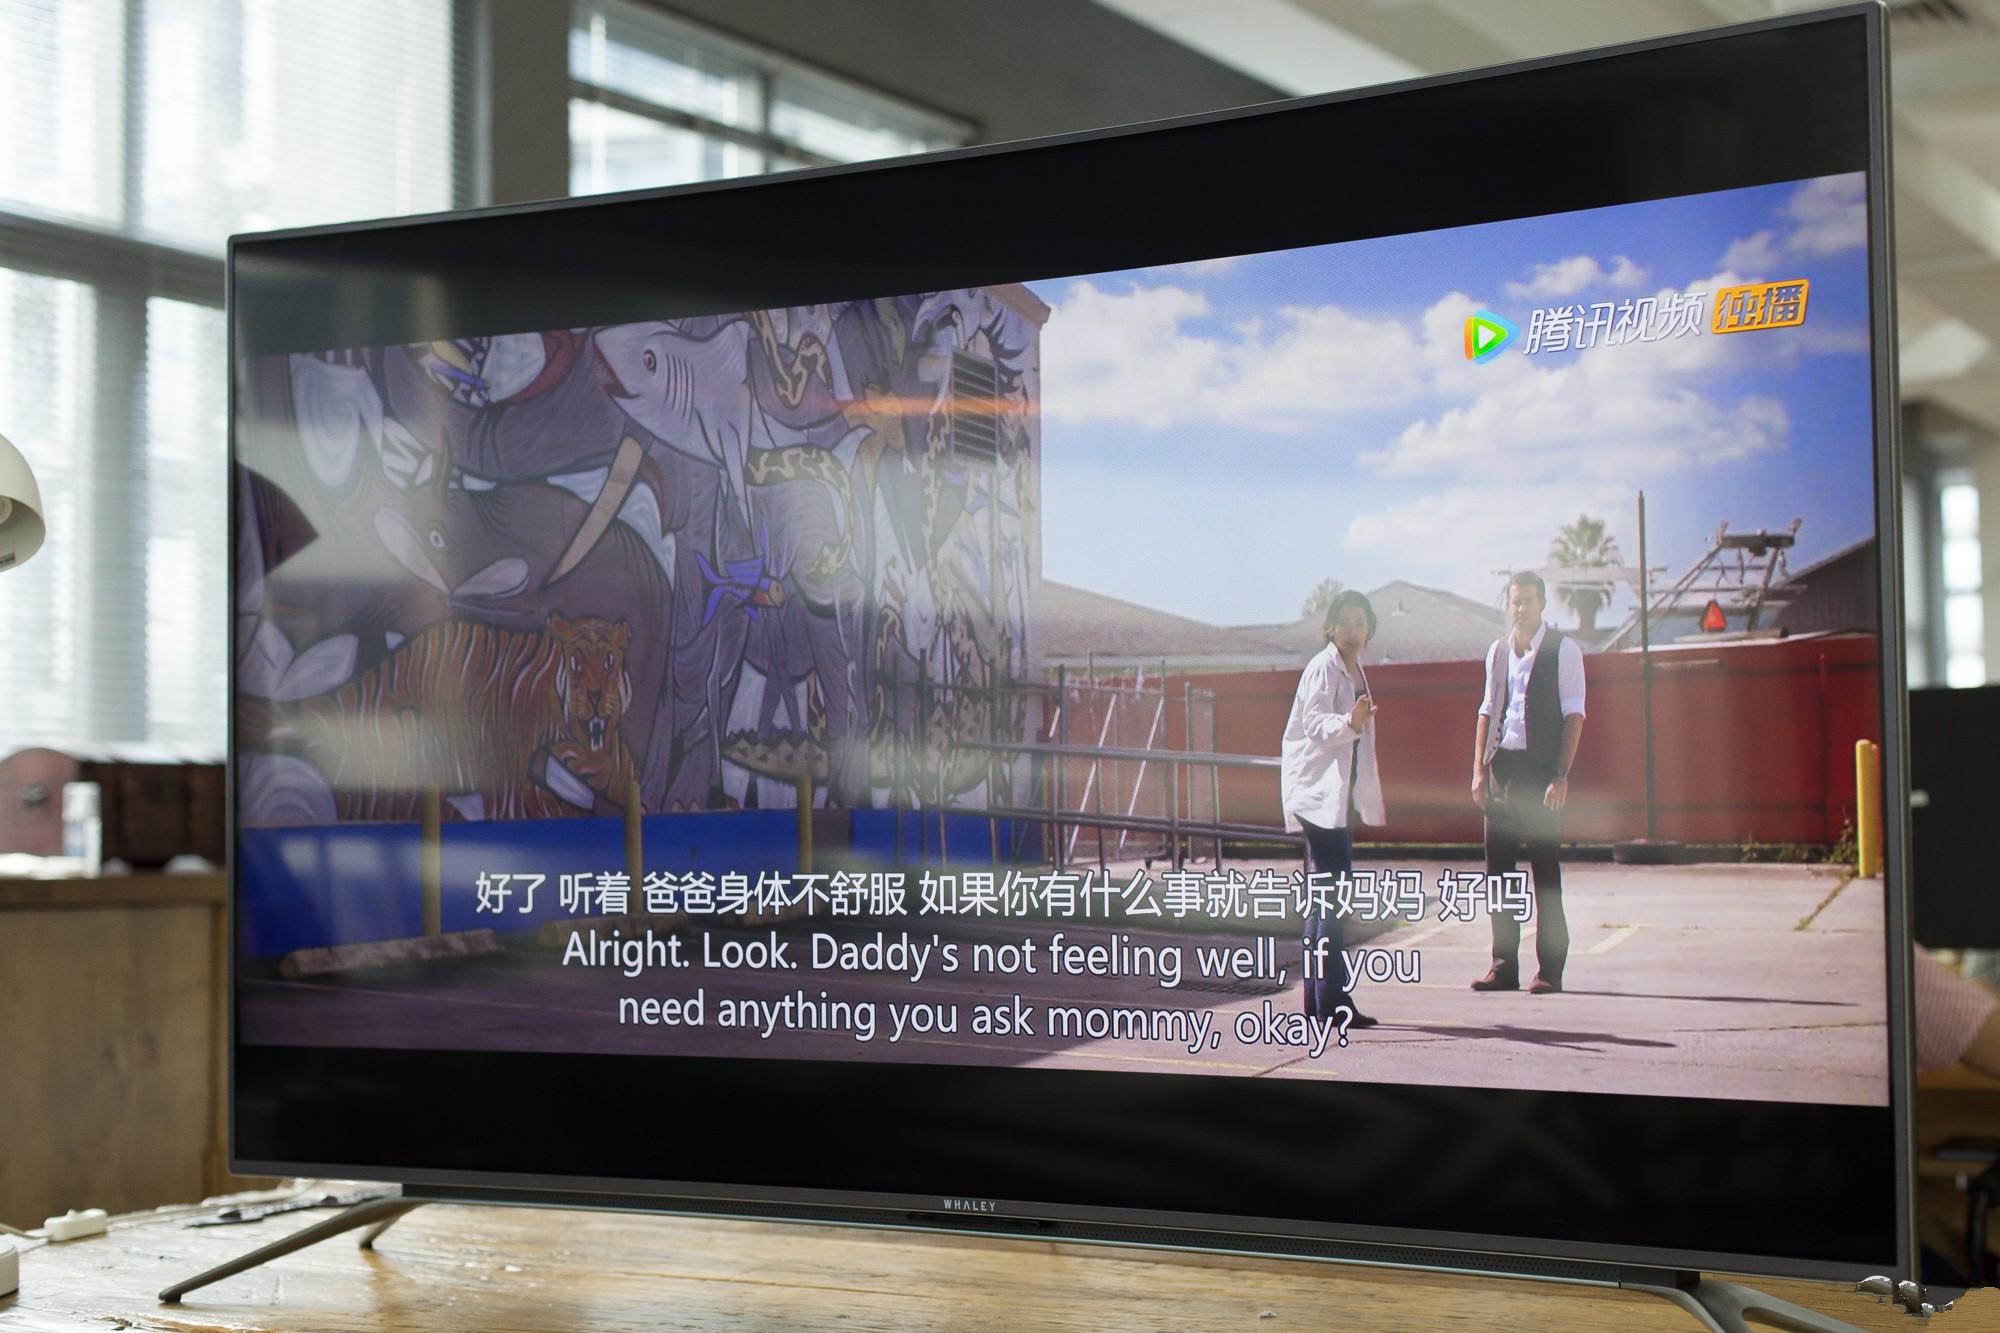 微鲸W55C1T曲面电视轻体验:当视界变得曲面,你是否依旧习惯?